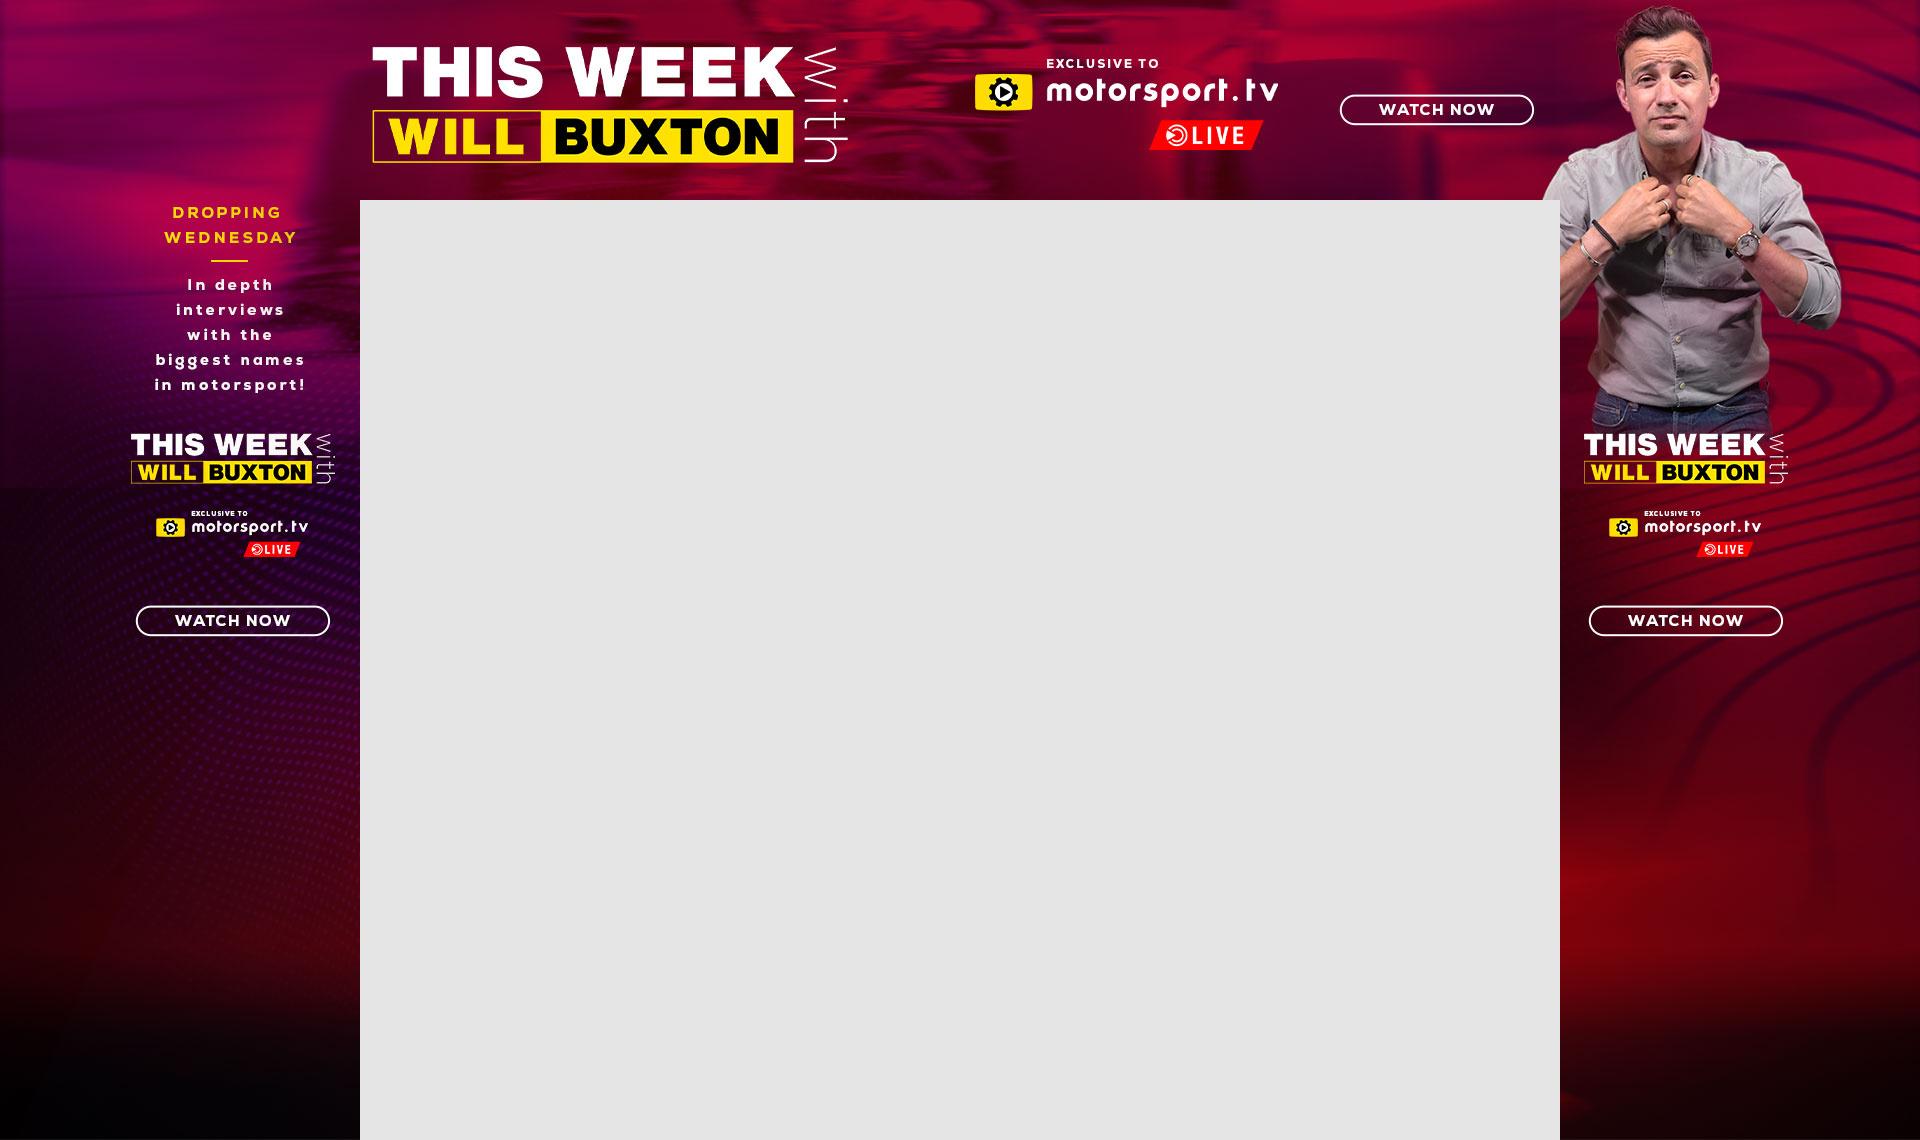 This Week, Motorsport.tv Live,